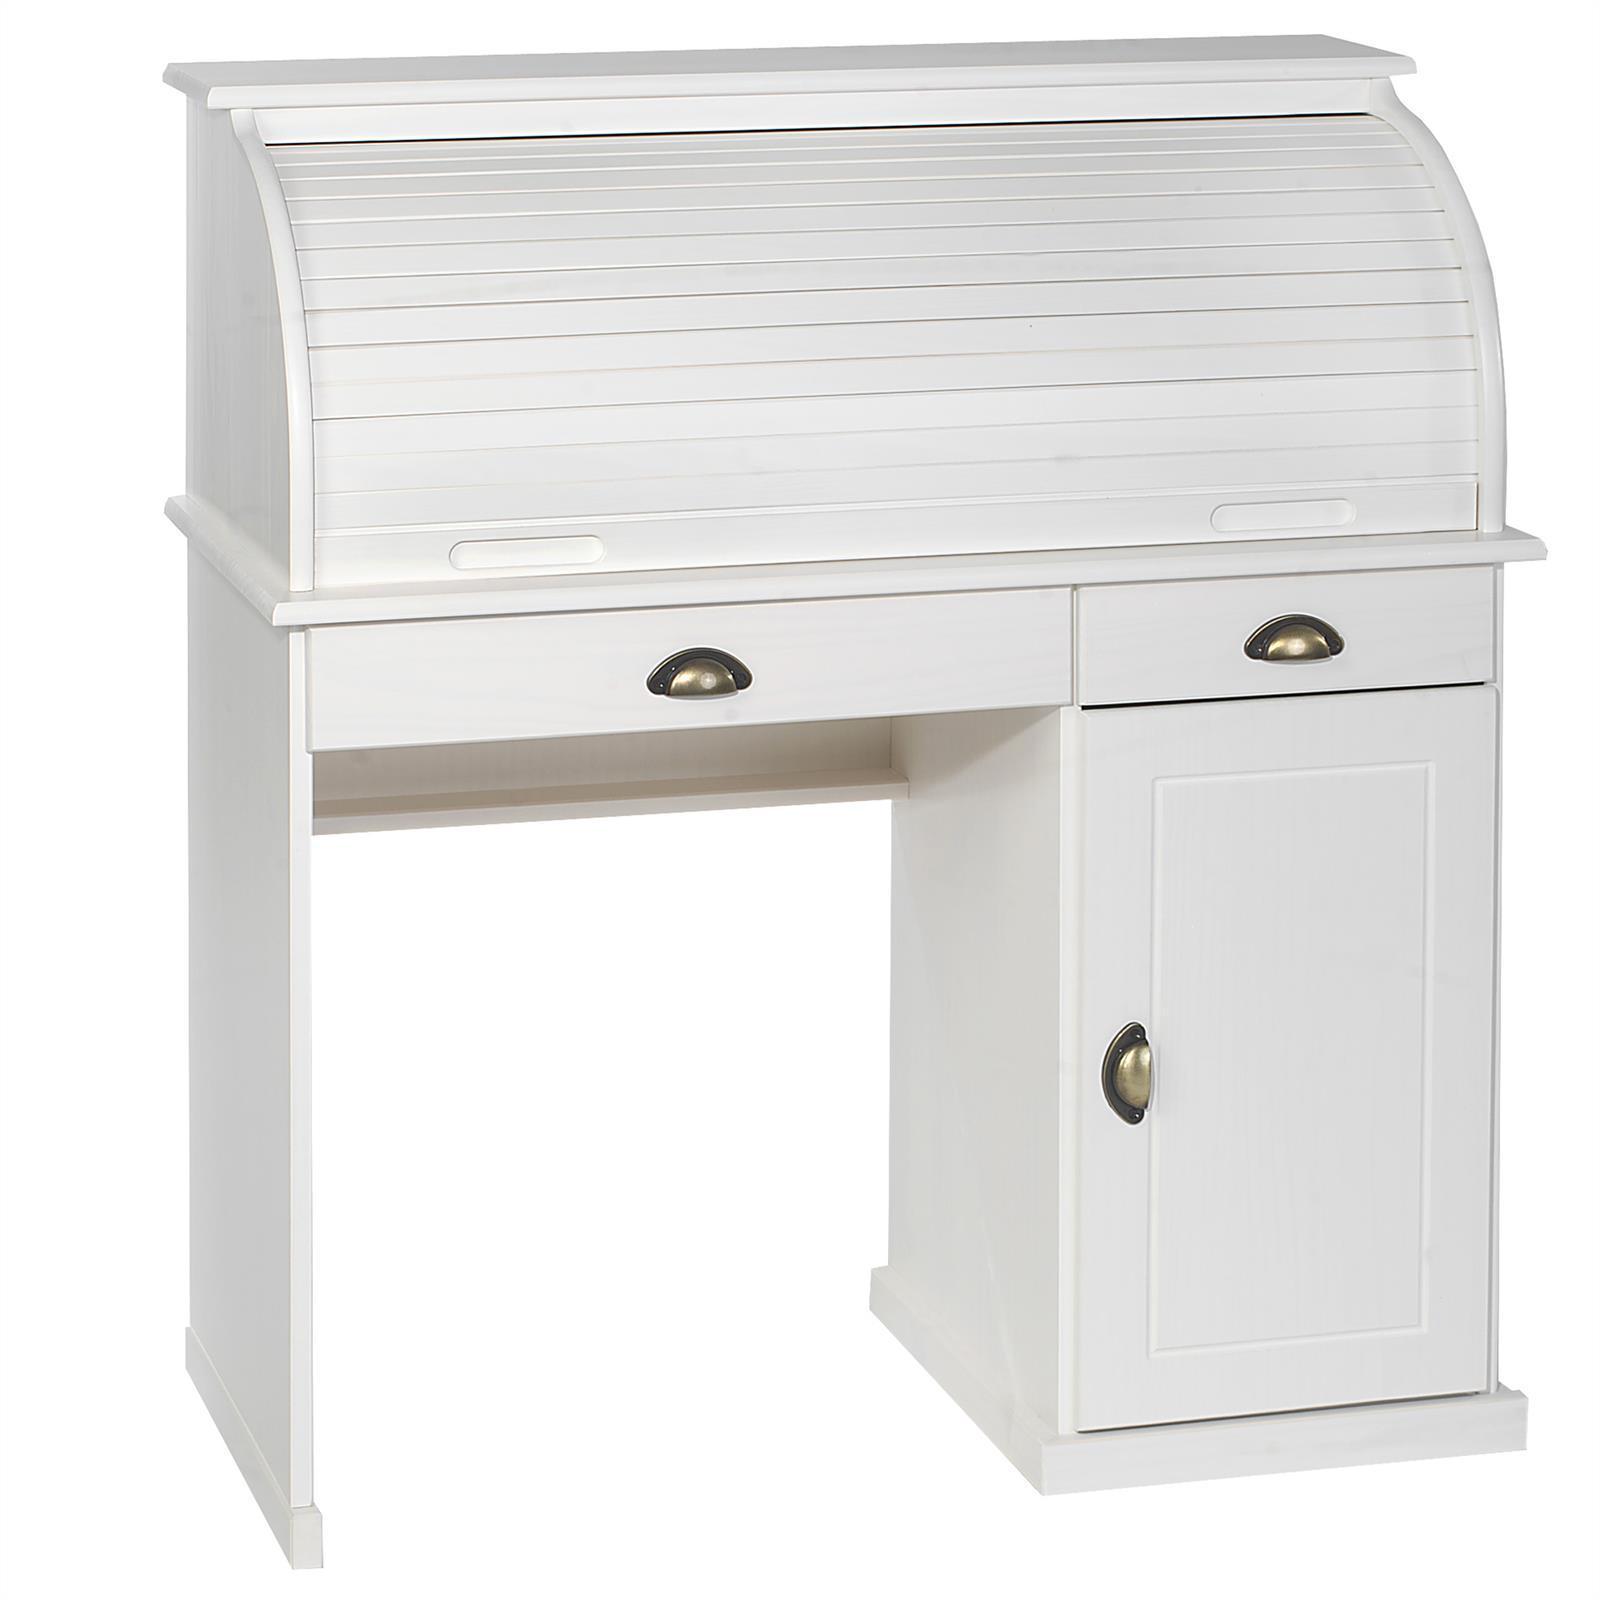 sekret r schreibtisch landhausstil schreibkommode kommode mit schublade rolladen ebay. Black Bedroom Furniture Sets. Home Design Ideas